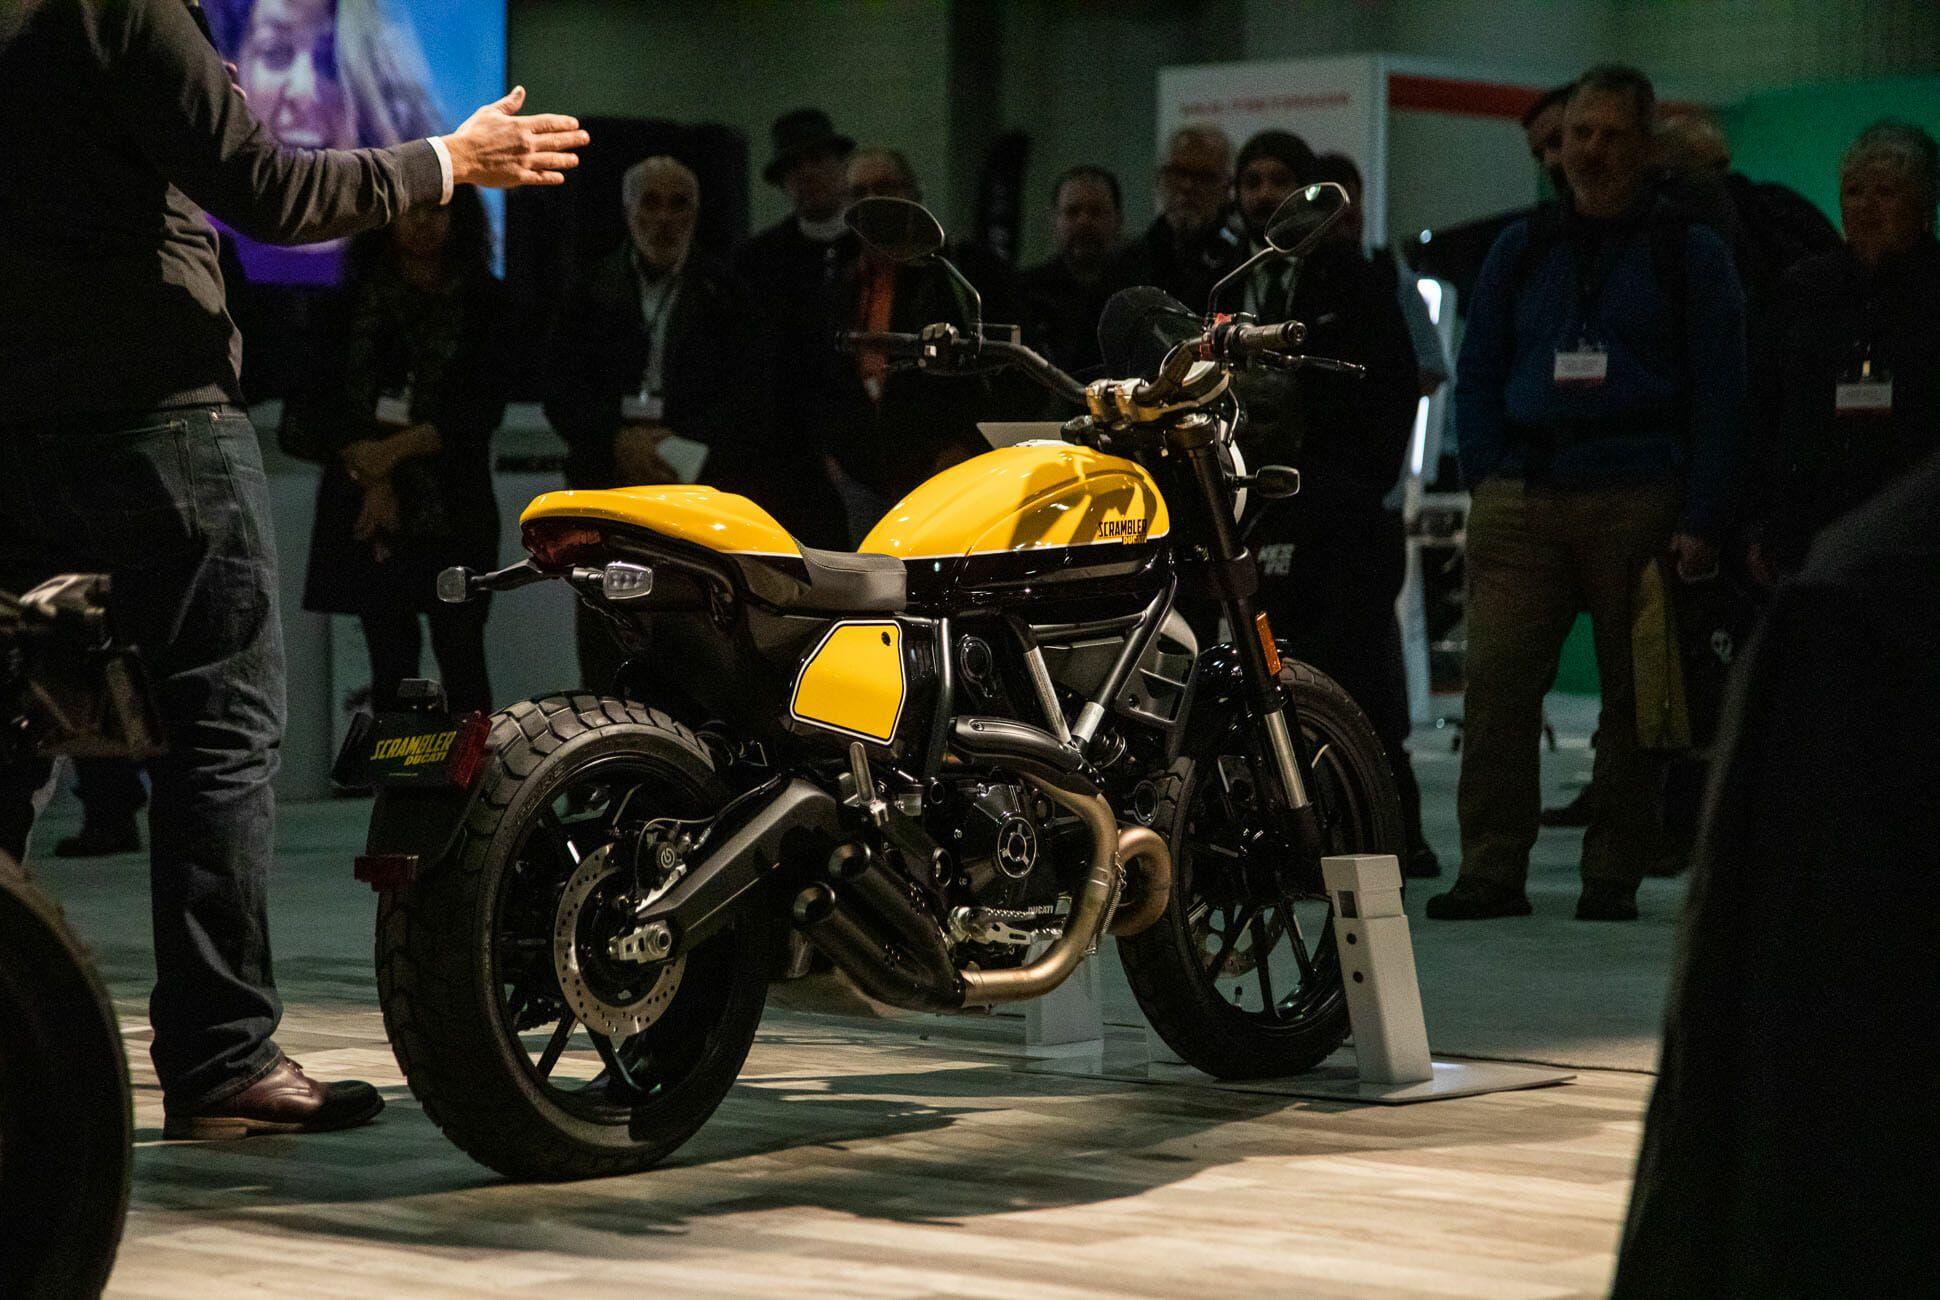 IMS 2018 Show Gear Patrol Ducati Slide 01